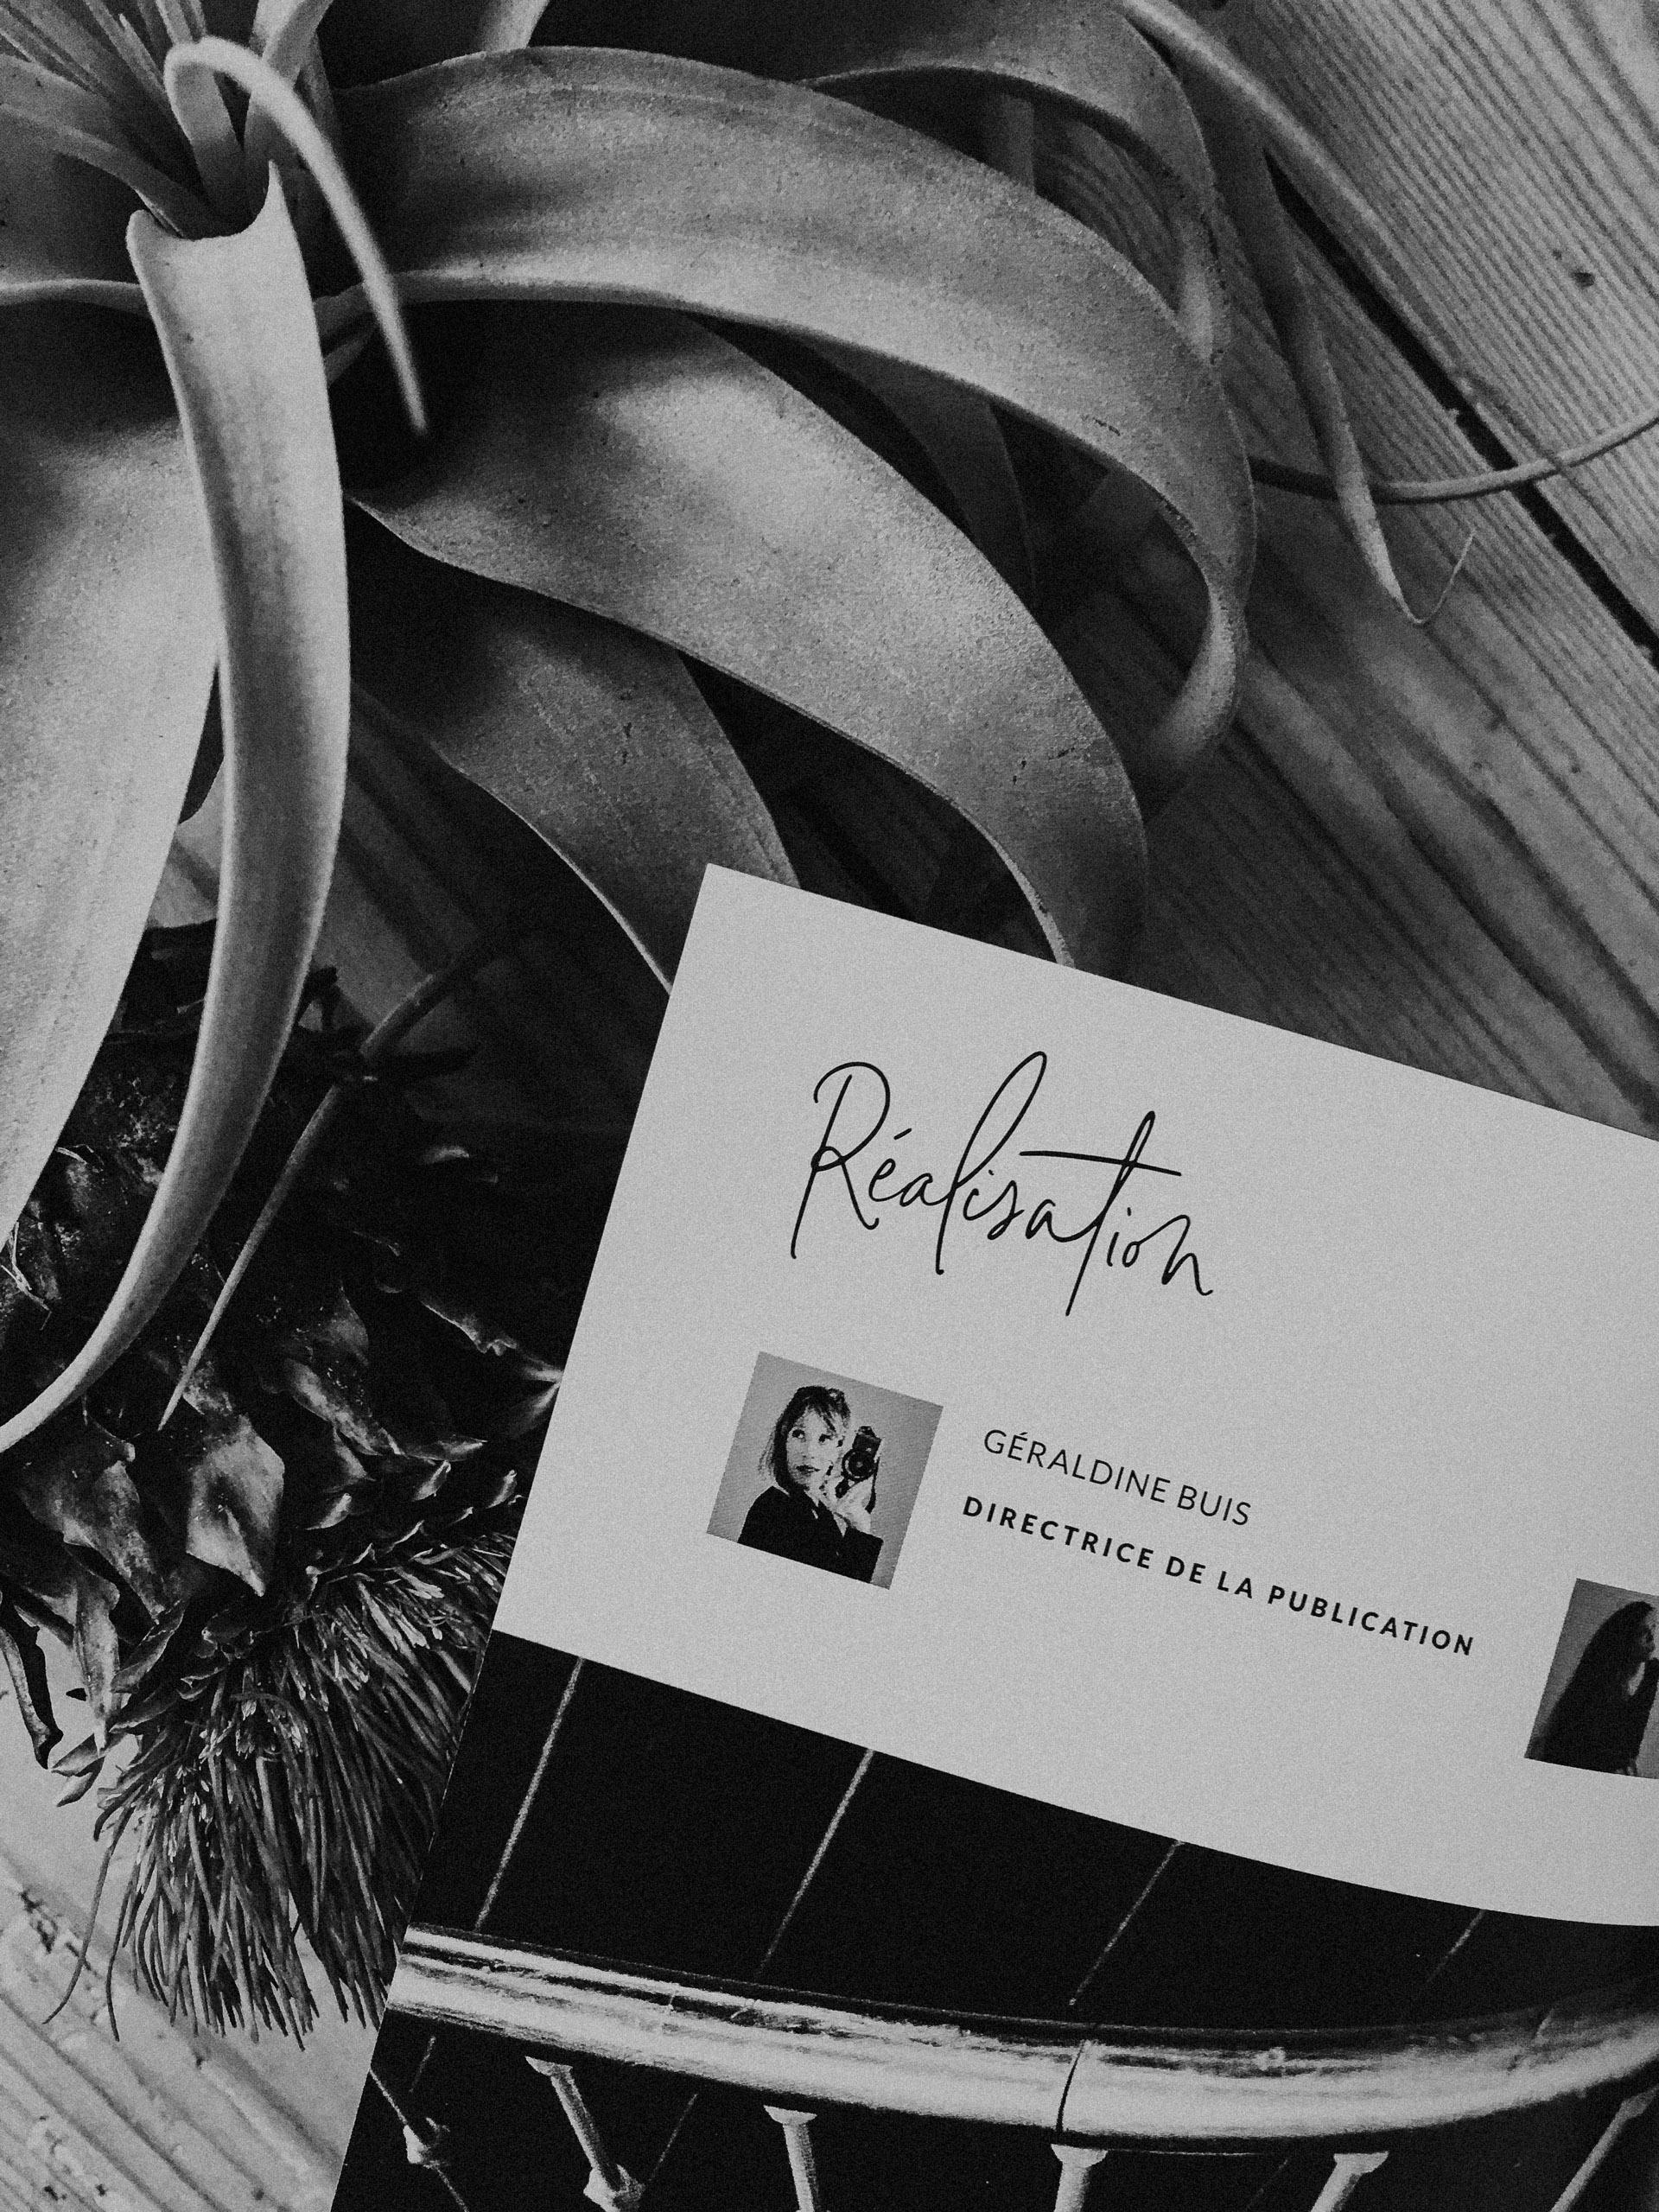 crazy folk love, collectif toulousain, magazine toulousain, créateurs toulousains, amoureux toulousains, prestataires mariages, mariage toulouse, photographe mariage toulouse, créateurs toulouse, made in toulouse, organiser son mariage, directrice de la publication, geraldine buis photographe